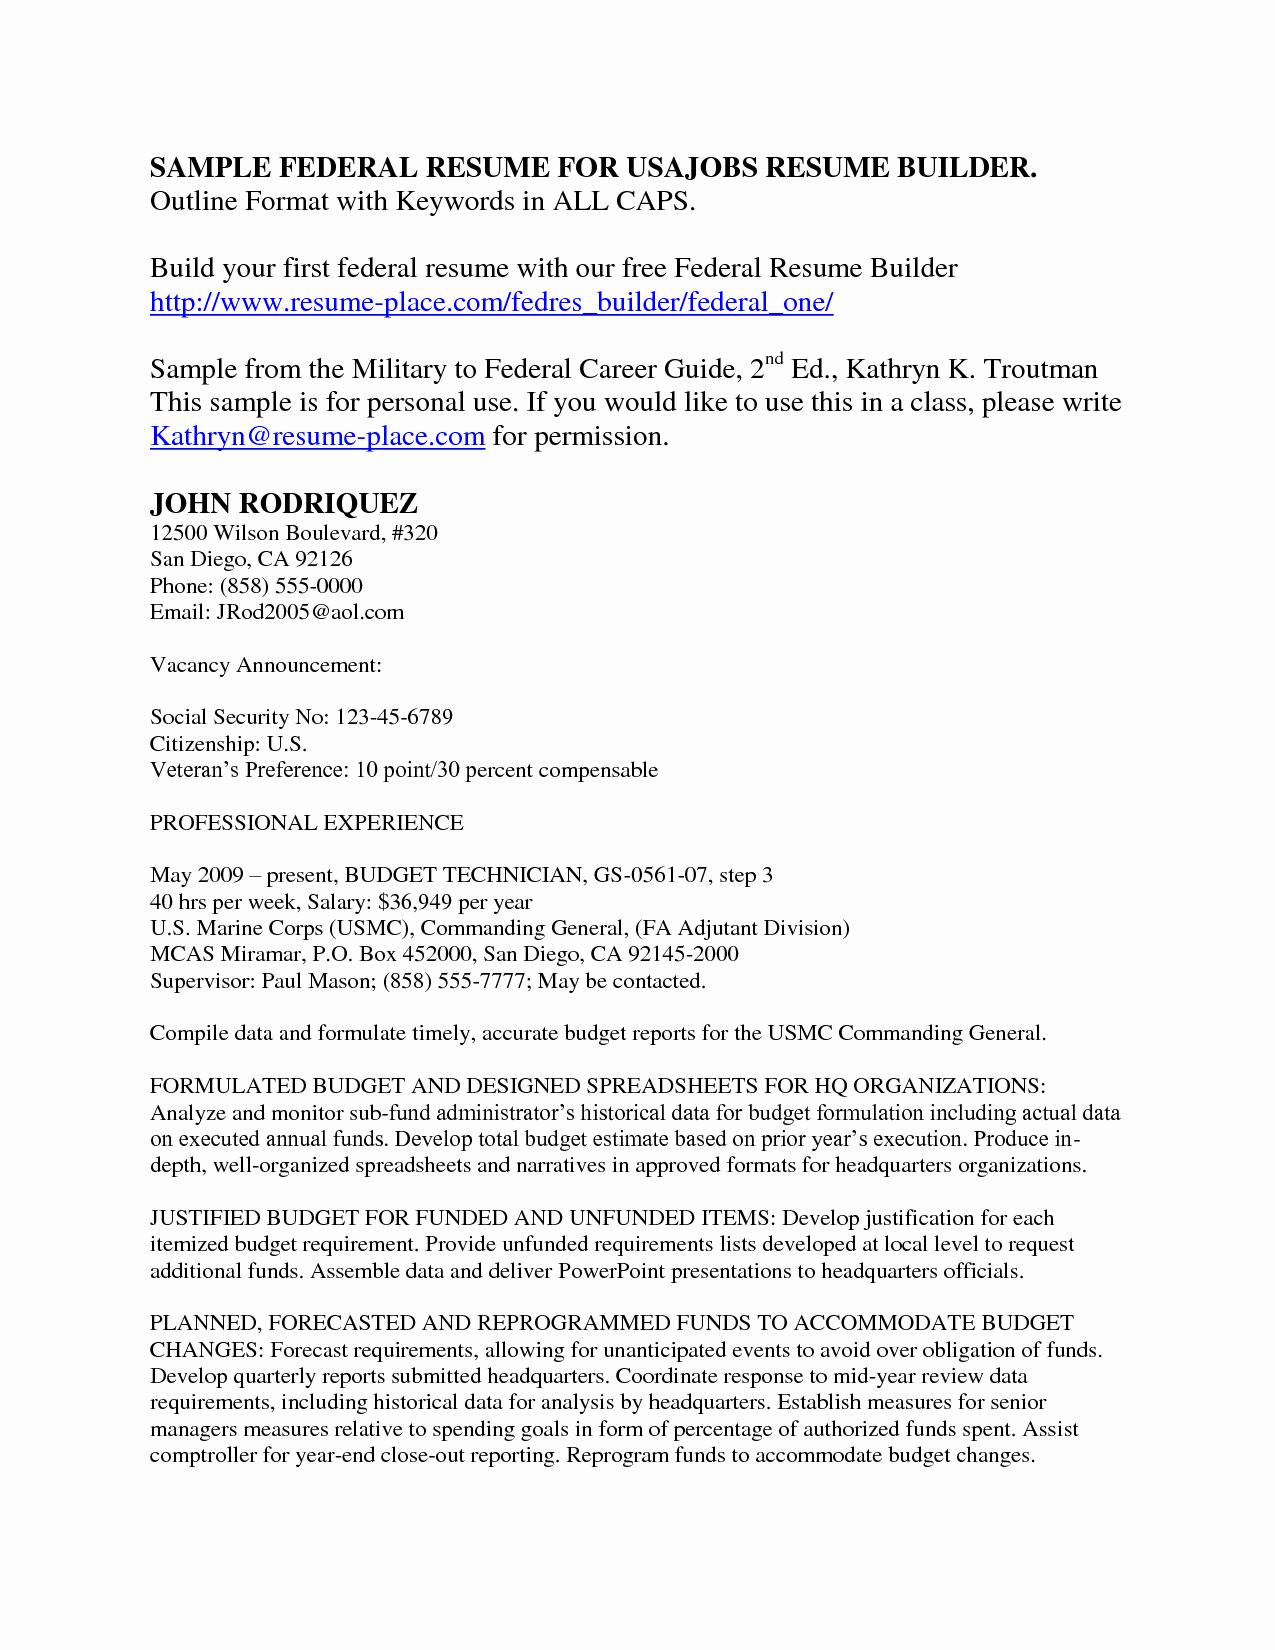 Sample Resume for Federal Jobs Fresh Resume Examples Usa Jobs 1 Resume Examples